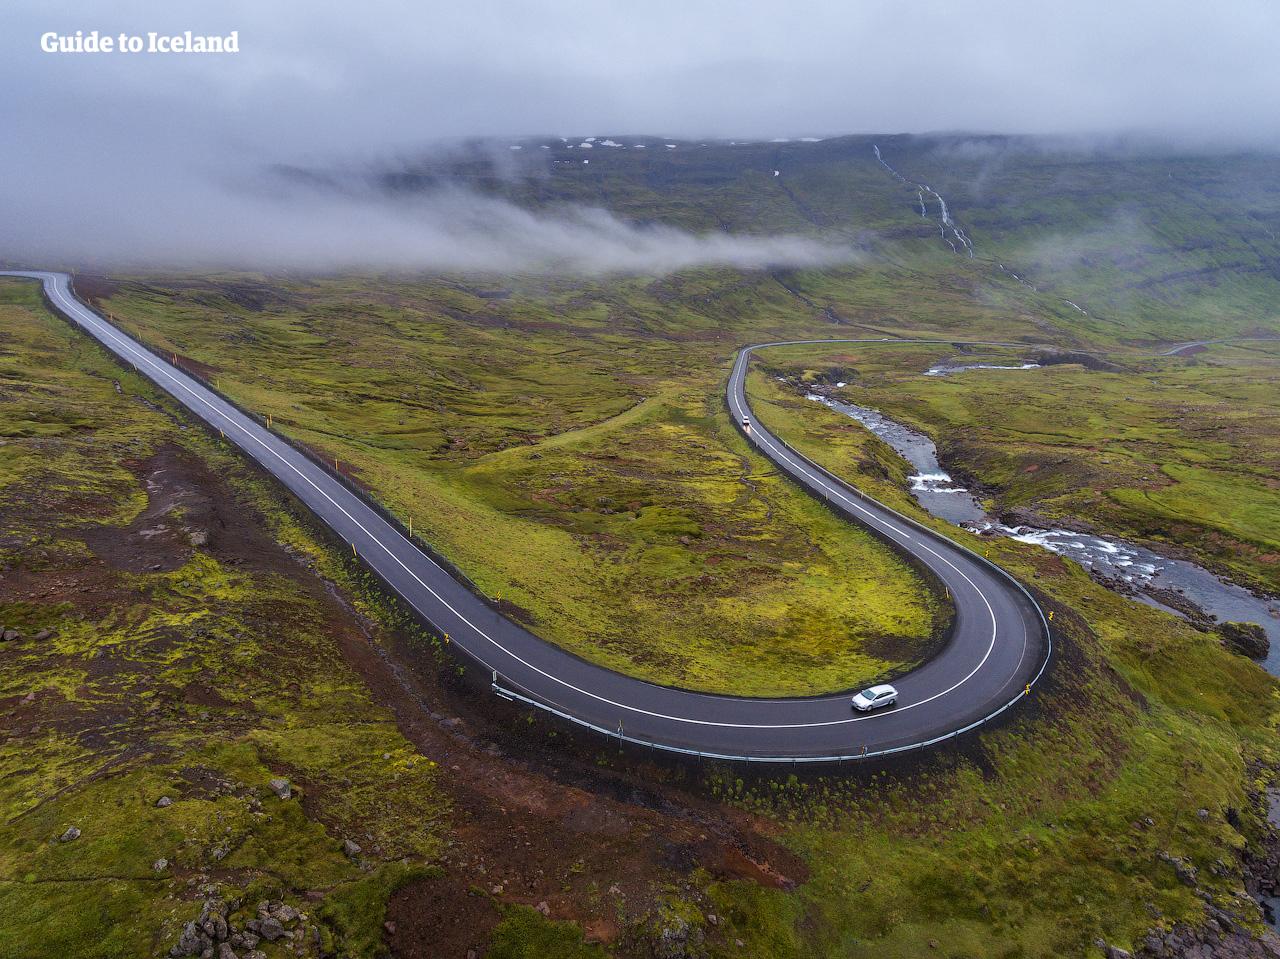 렌트카 투어로, 나의 페이스에 맞는 자유로운 아이슬란드 탐험을 즐겨보세요!